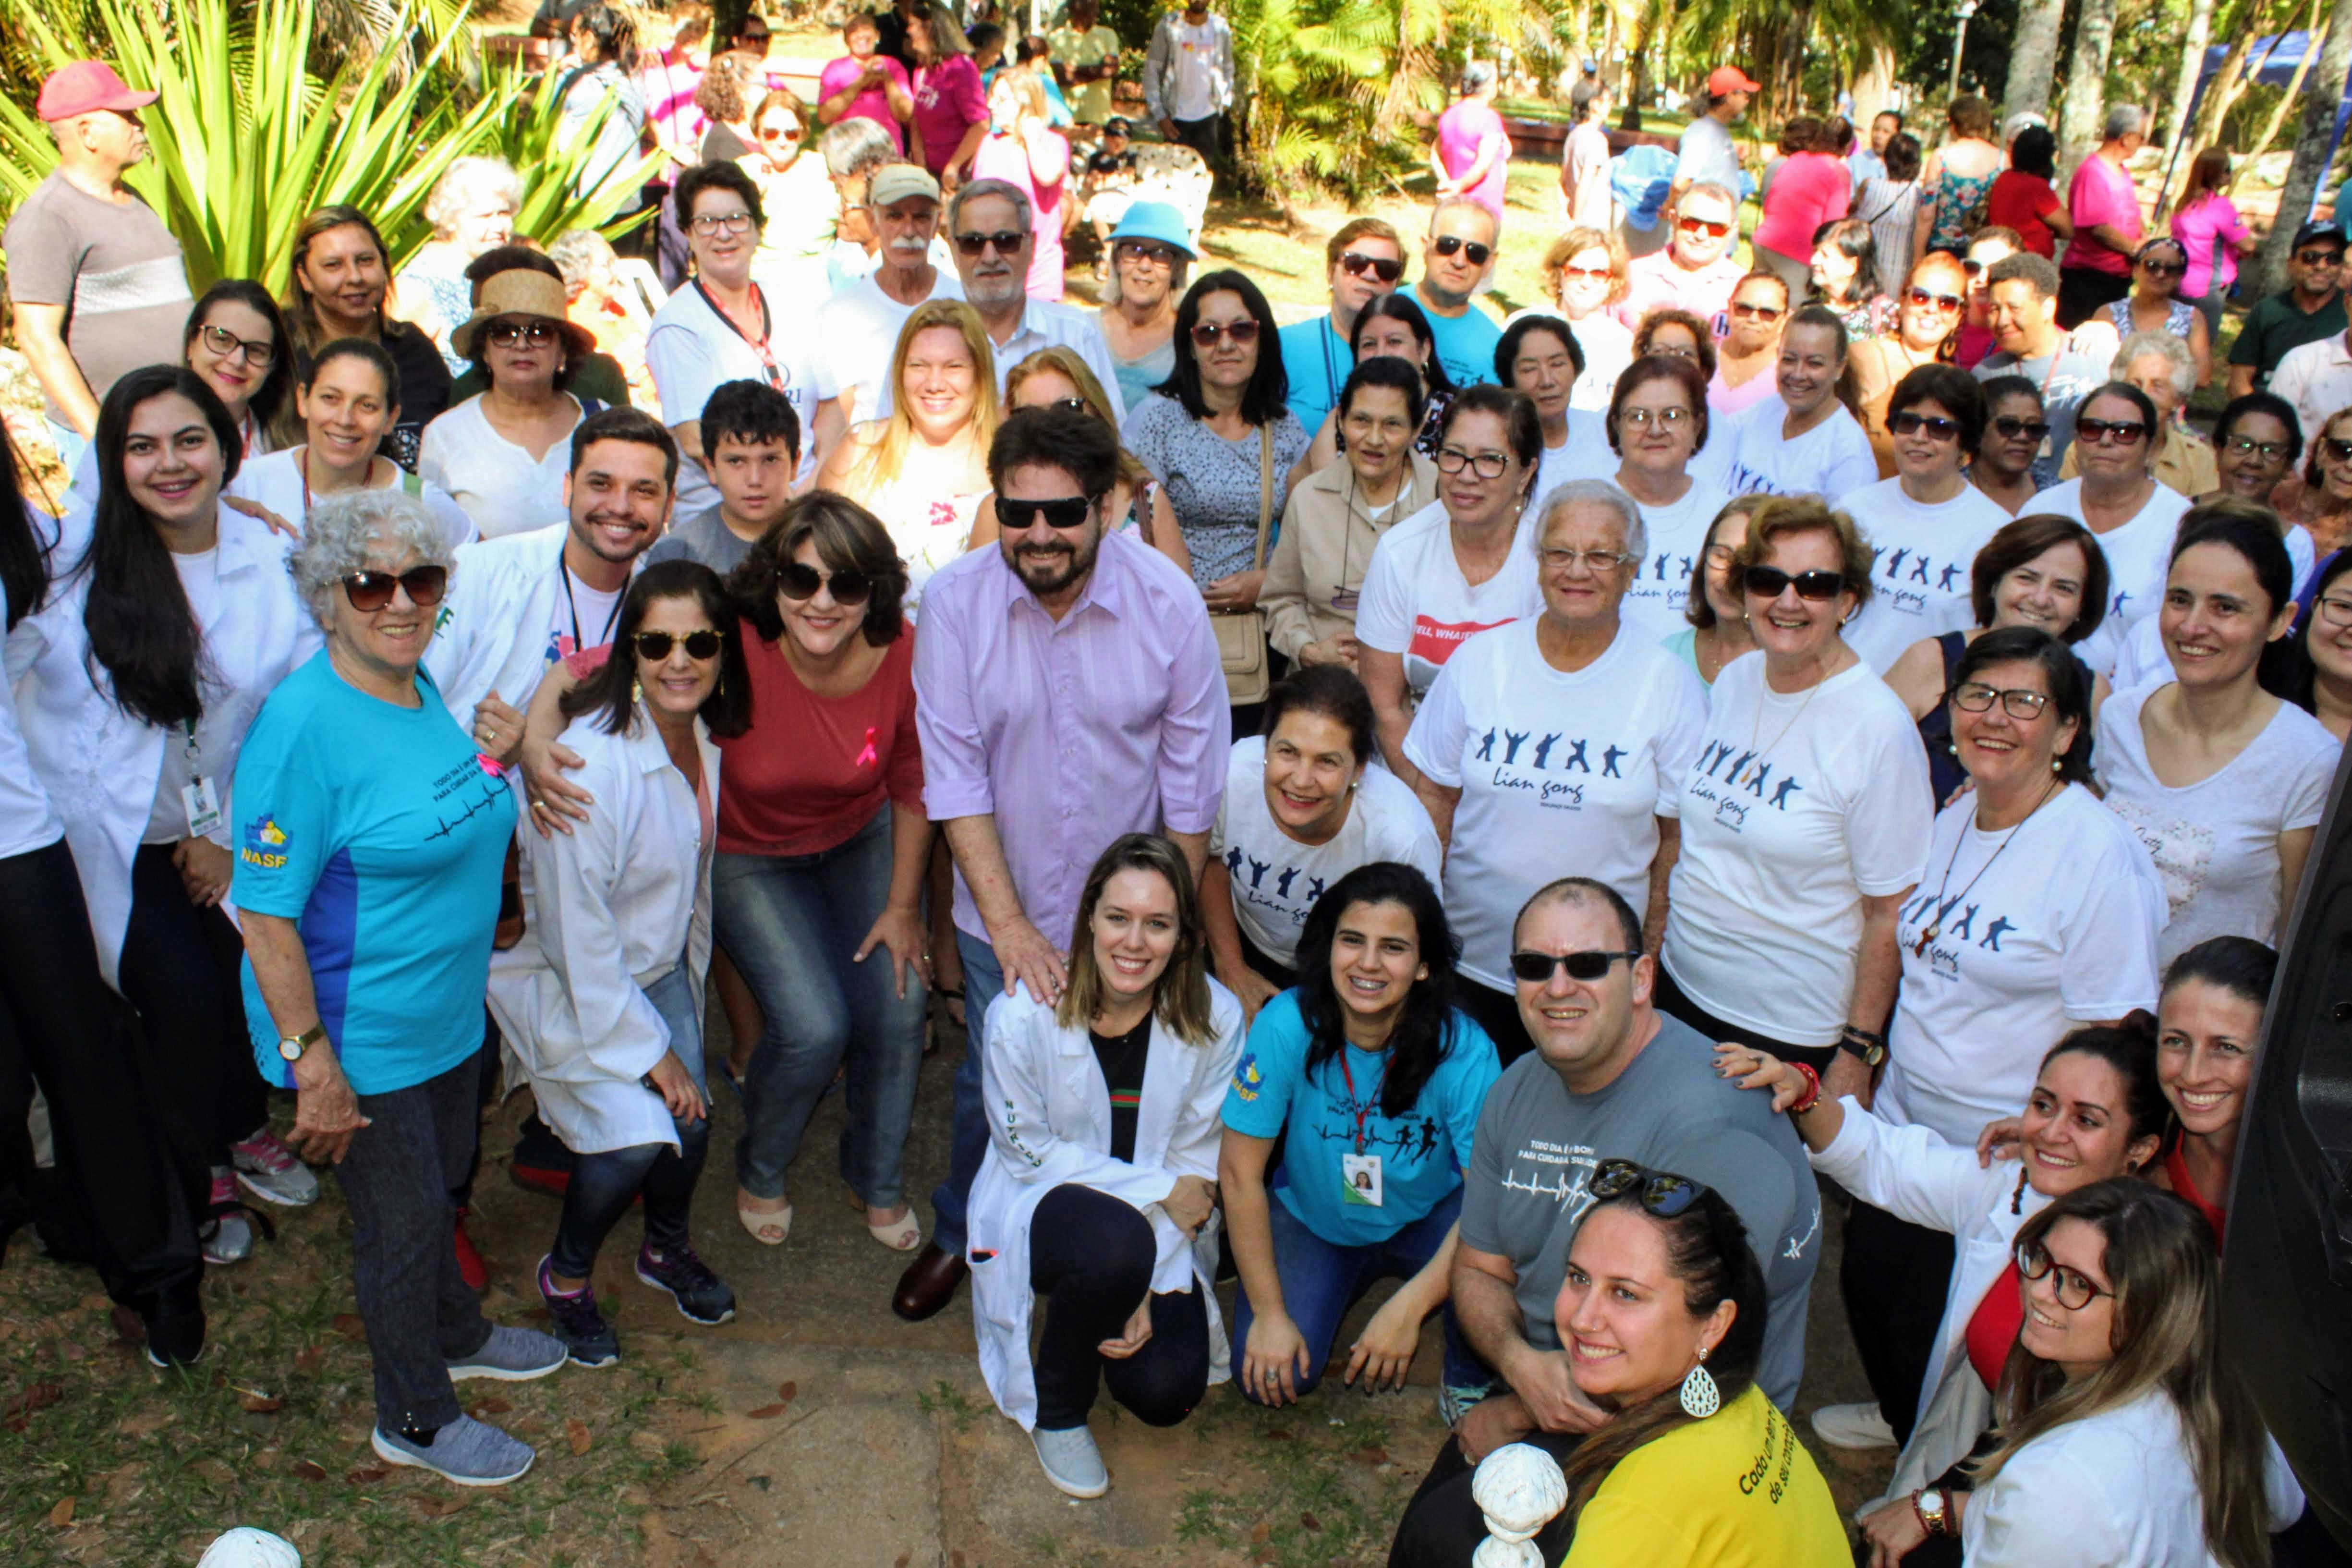 Foto_4_04-10-19_Evento_em_alusão_ao_Dia_do_Idoso_Jardim_Público